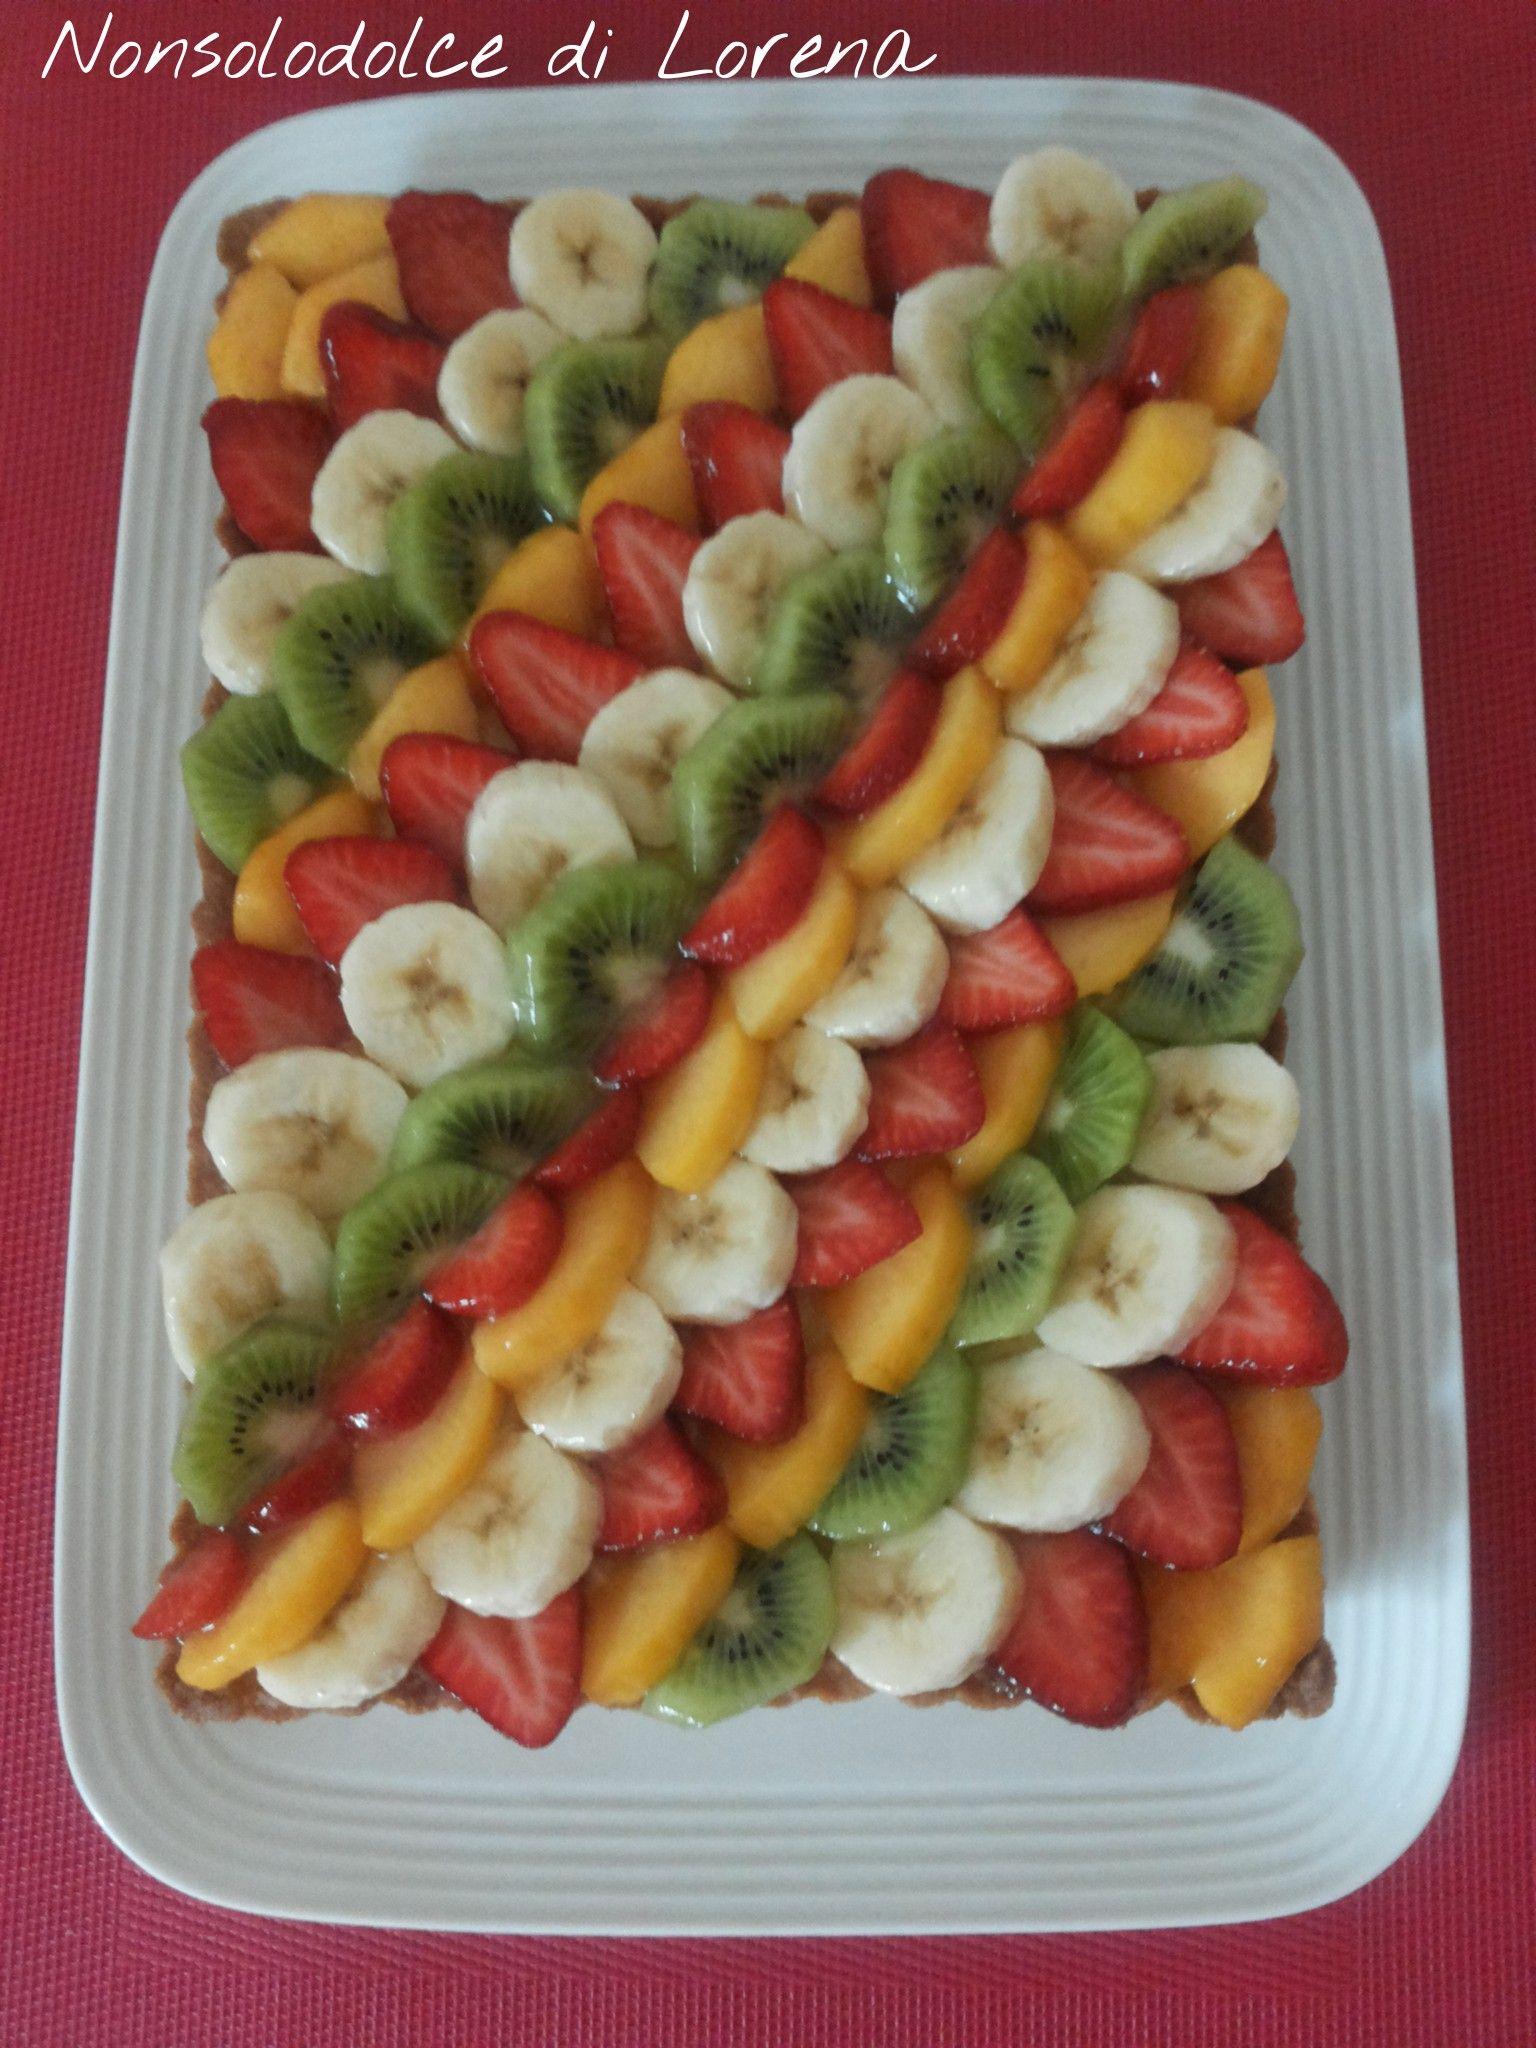 Composizioni Facili Di Frutta crostata con frutta fresca e crema, dolce delizioso e fresco